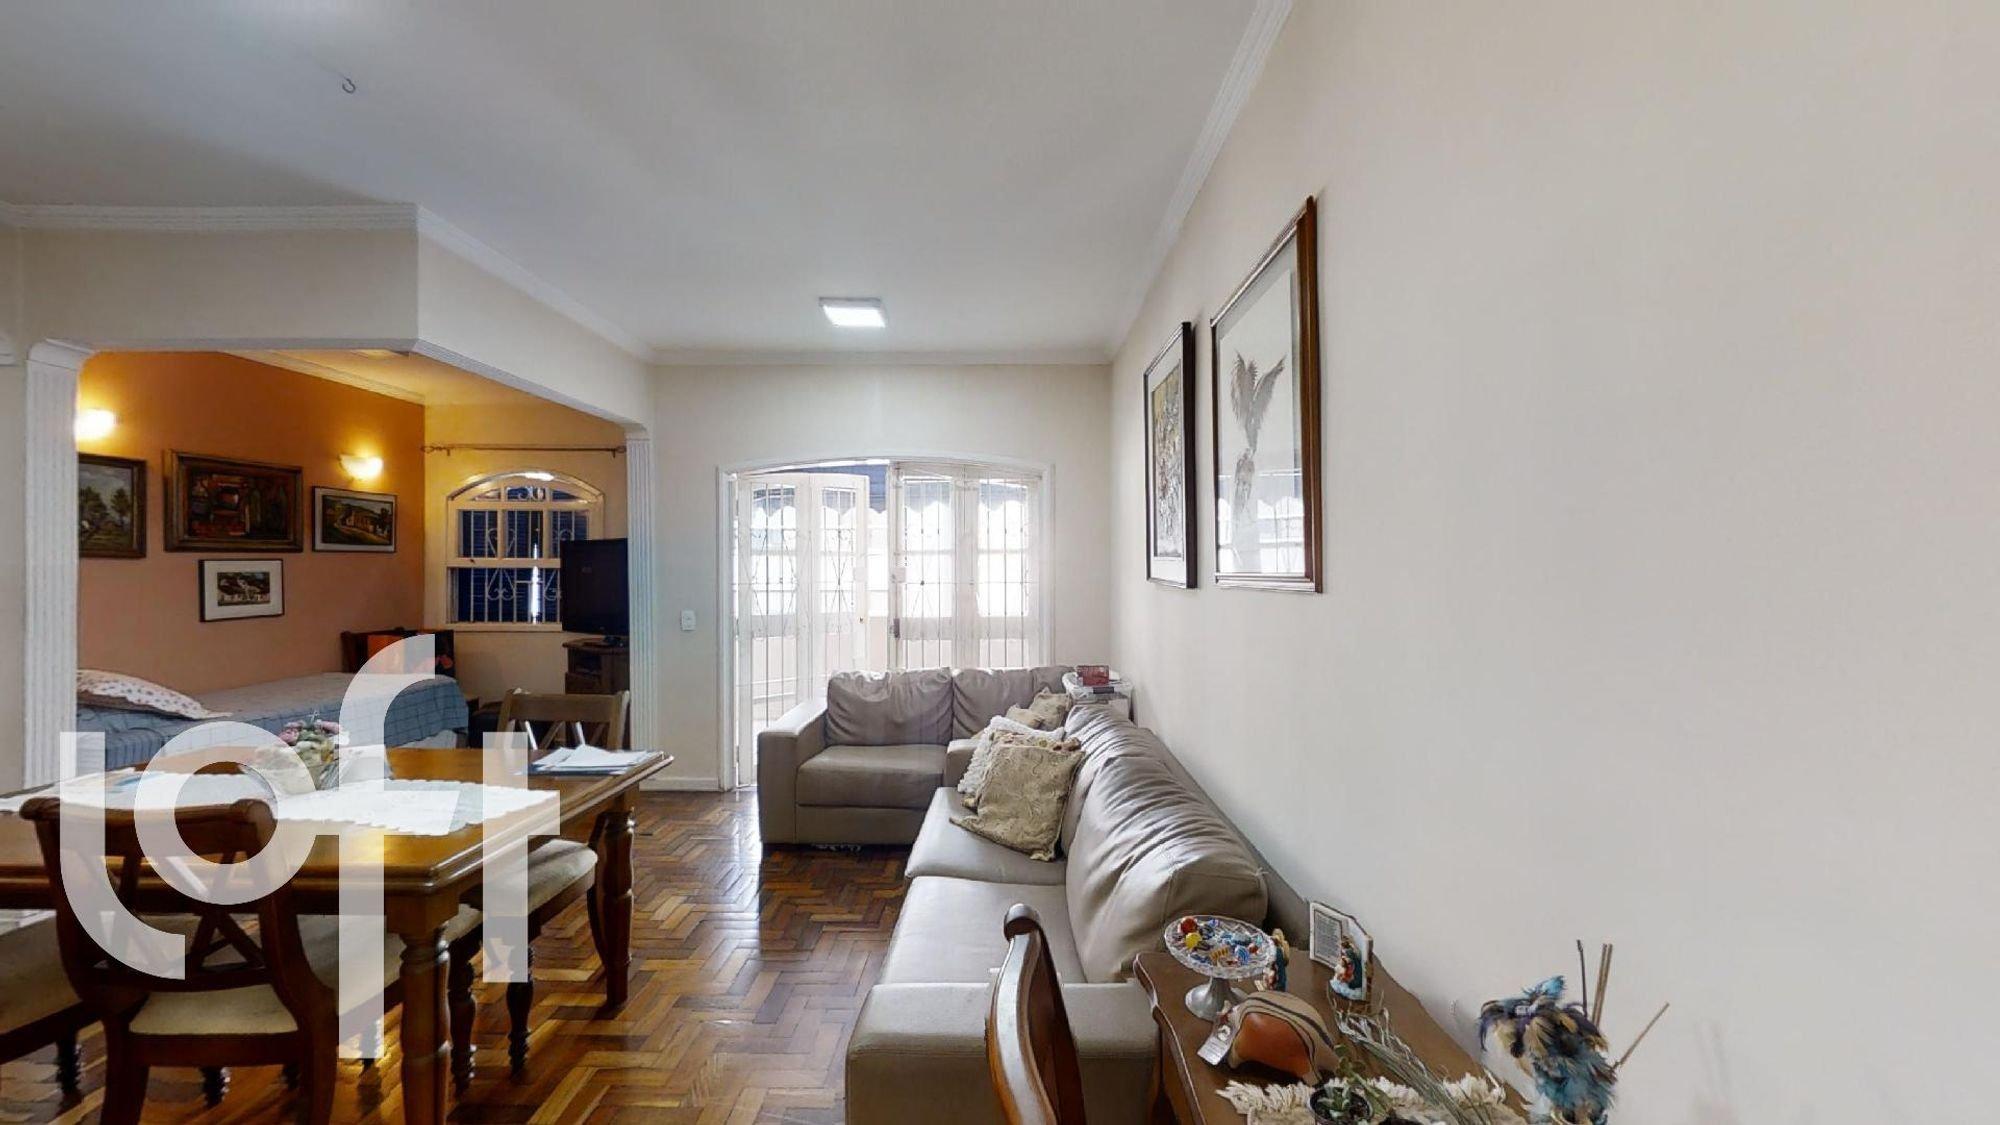 Foto de Sala com tigela, sofá, cadeira